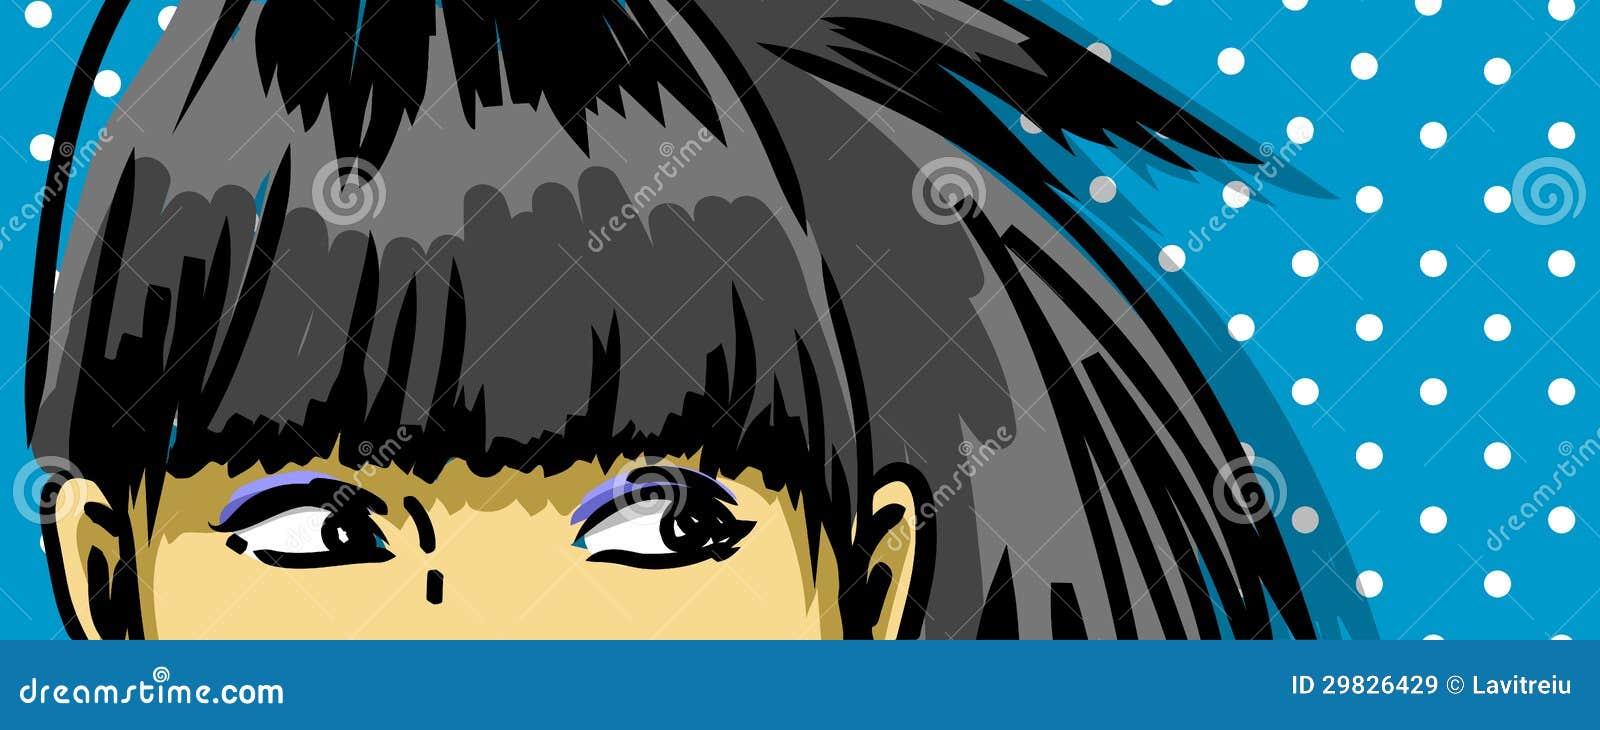 Olhos retros da menina